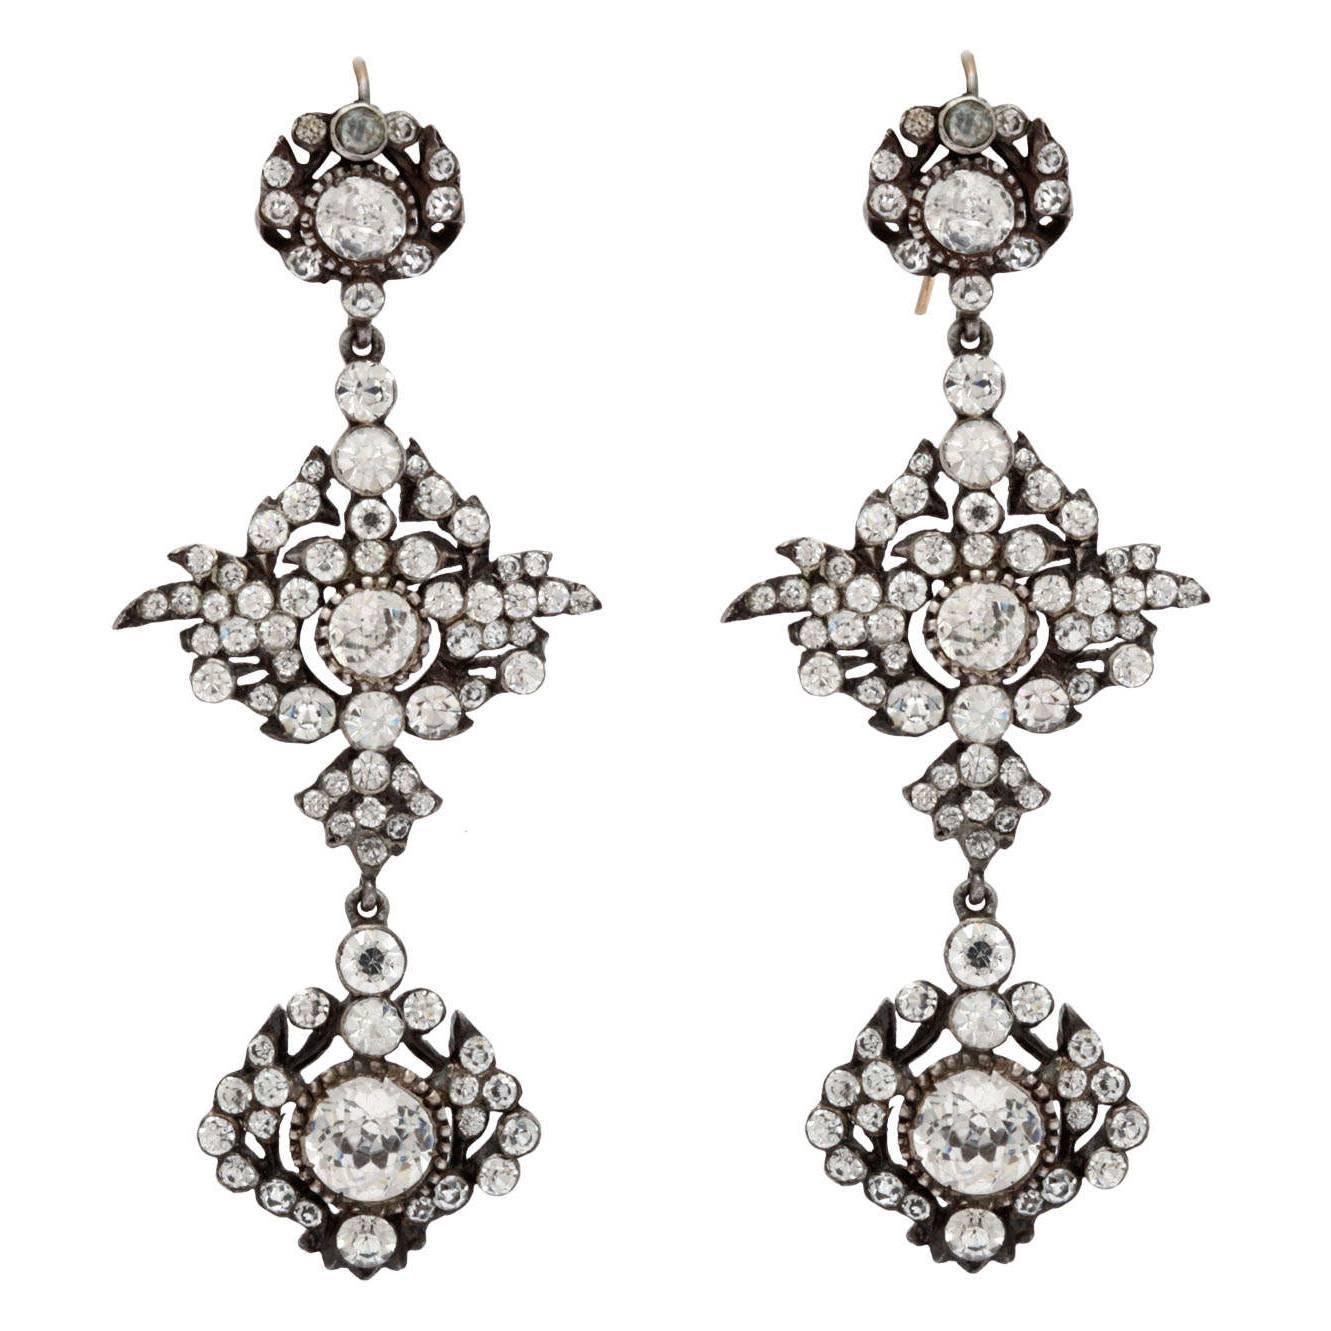 Antique Edwardian Paste Chandelier Earrings